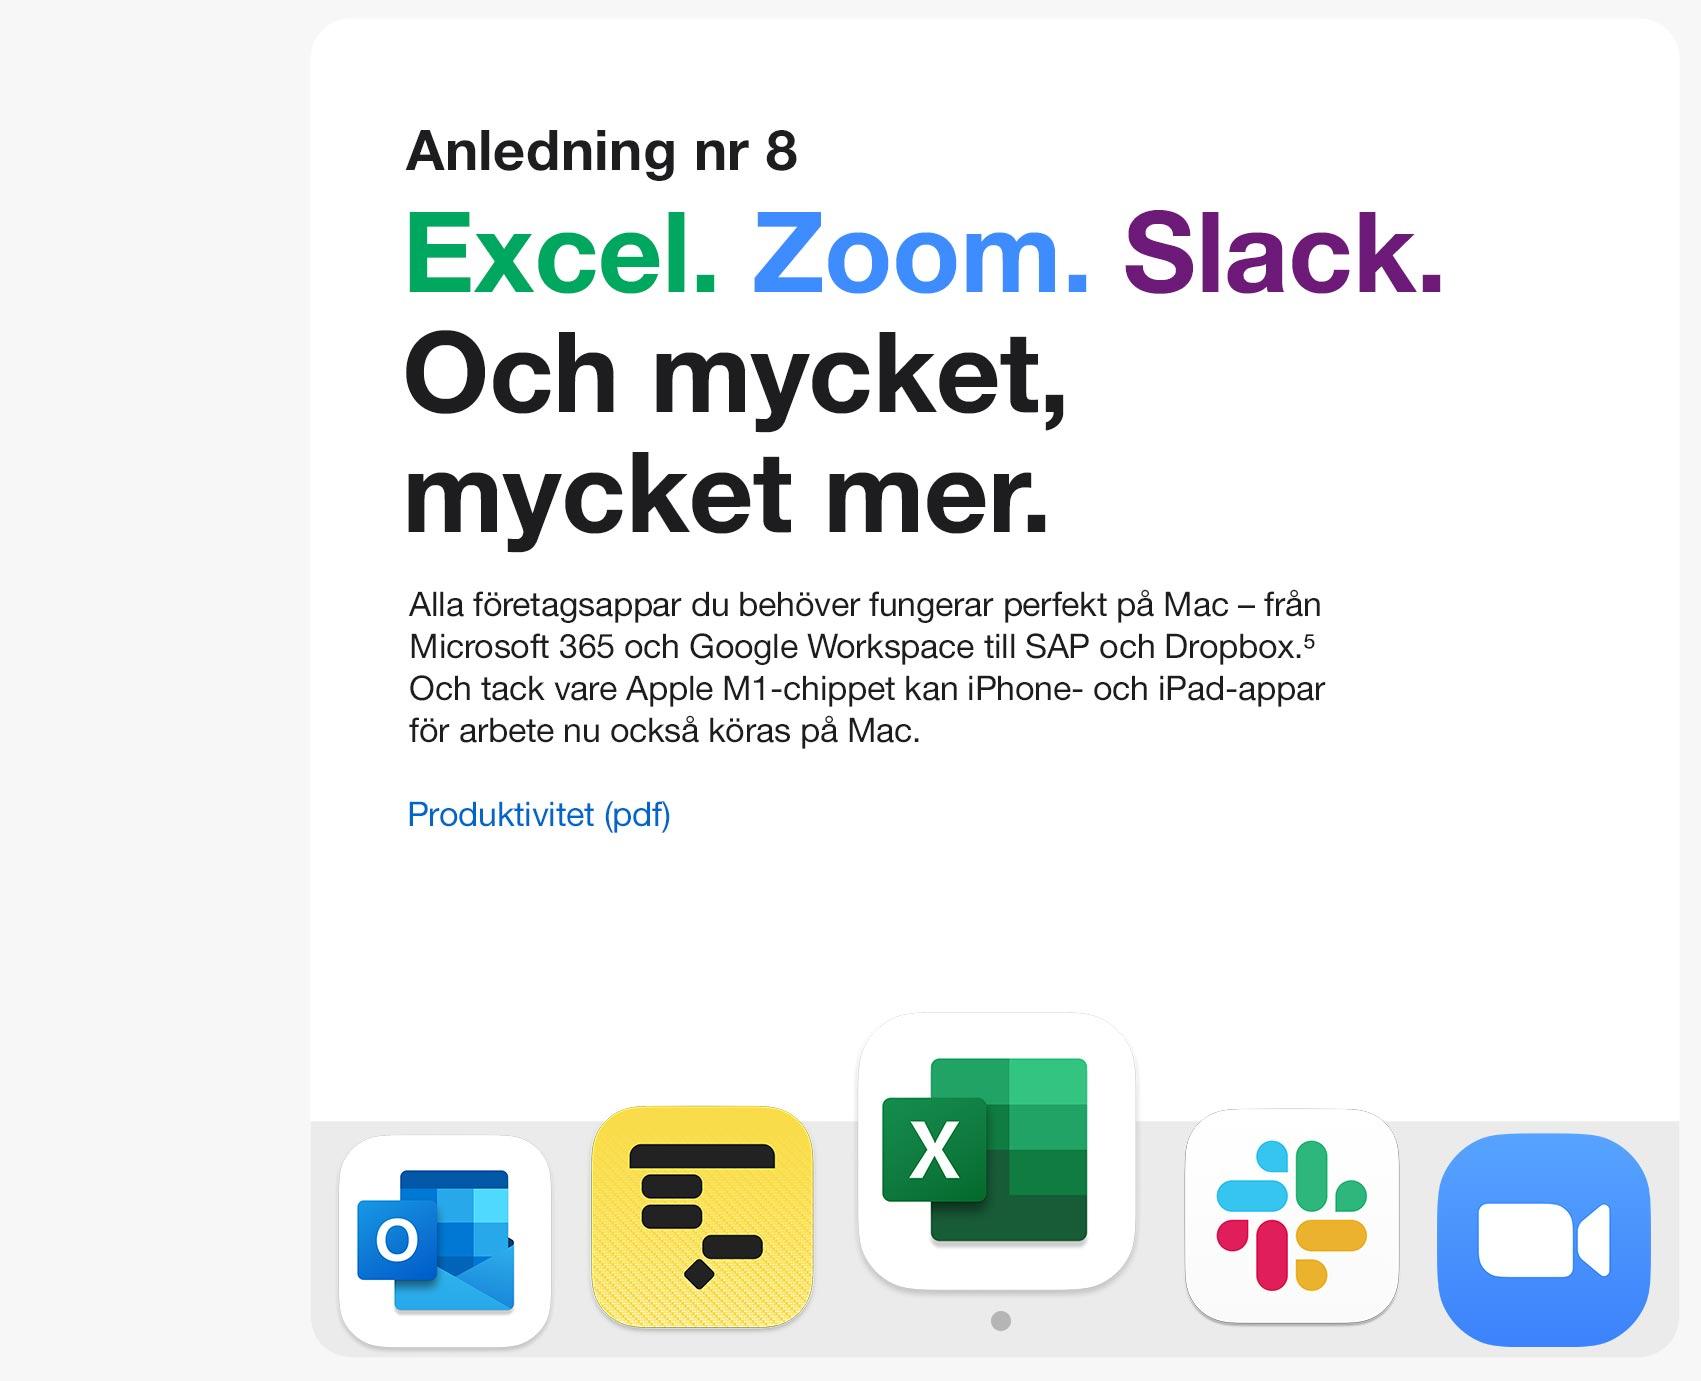 Anledning 8. Excel. Zoom. Slack. Och mycket, mycket mer. Alla företagsappar du behöver fungerar perfekt på Mac - från Microsoft 365 och Google Workspace till SAP och Dropbox. 5 Och tack vare Apple M1-chippet kan iPhone- och iPad-appar för arbete nu också köras på Mac.